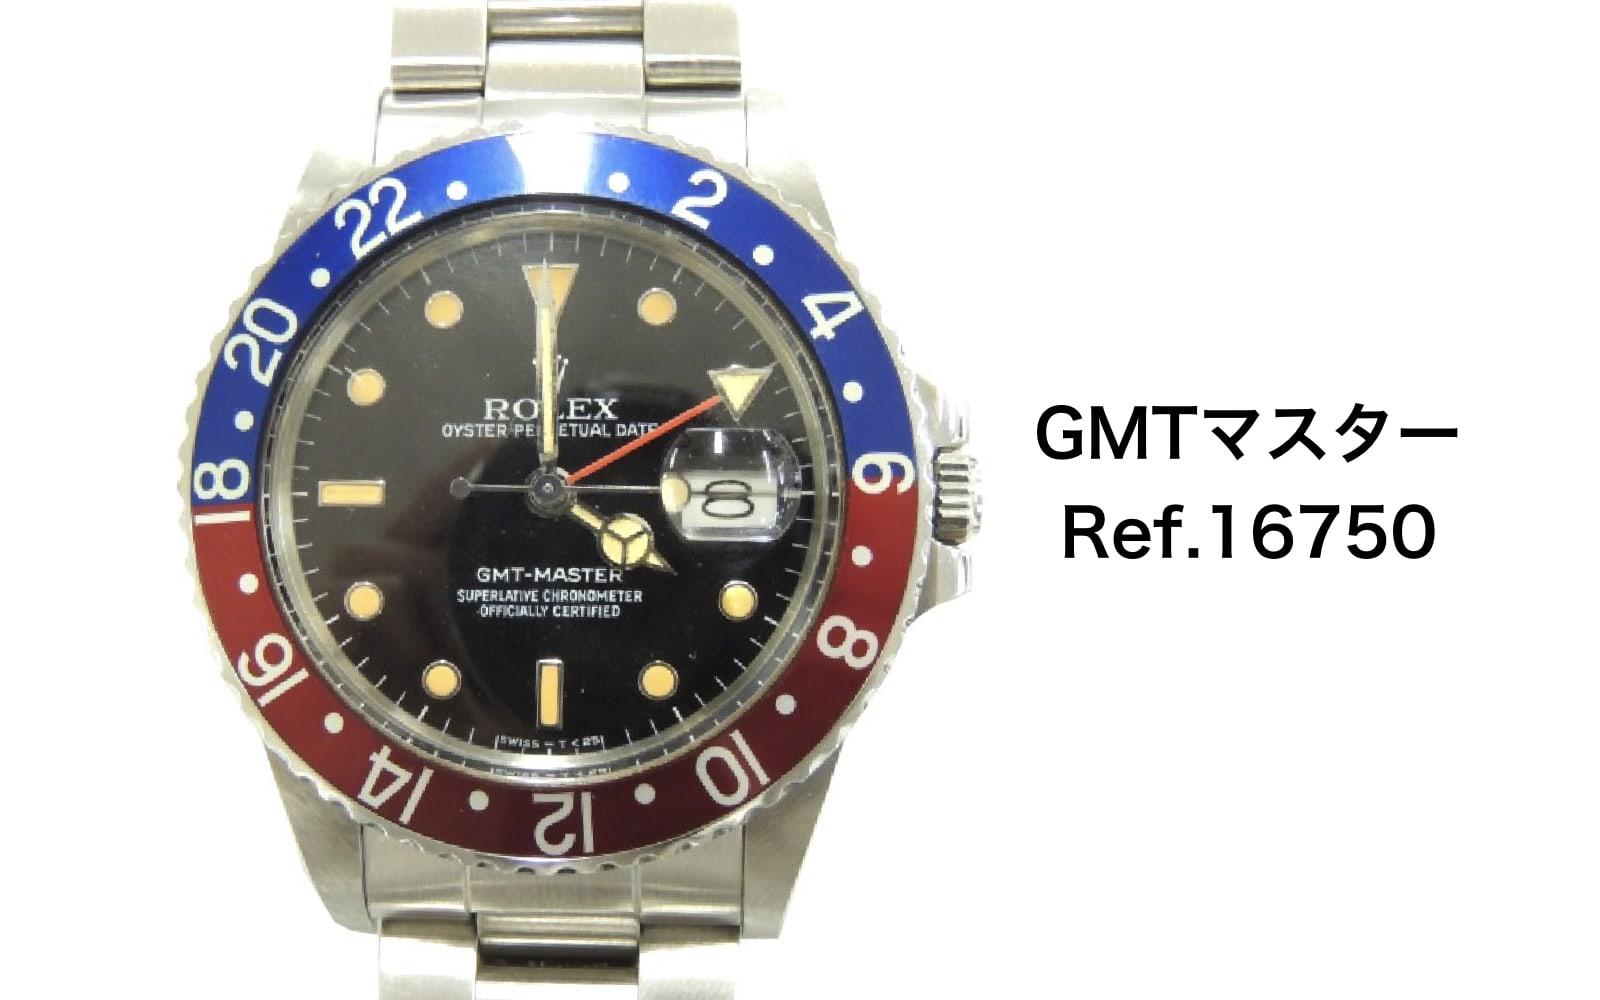 ロレックス買取GMTマスター16750ヴィンテージ